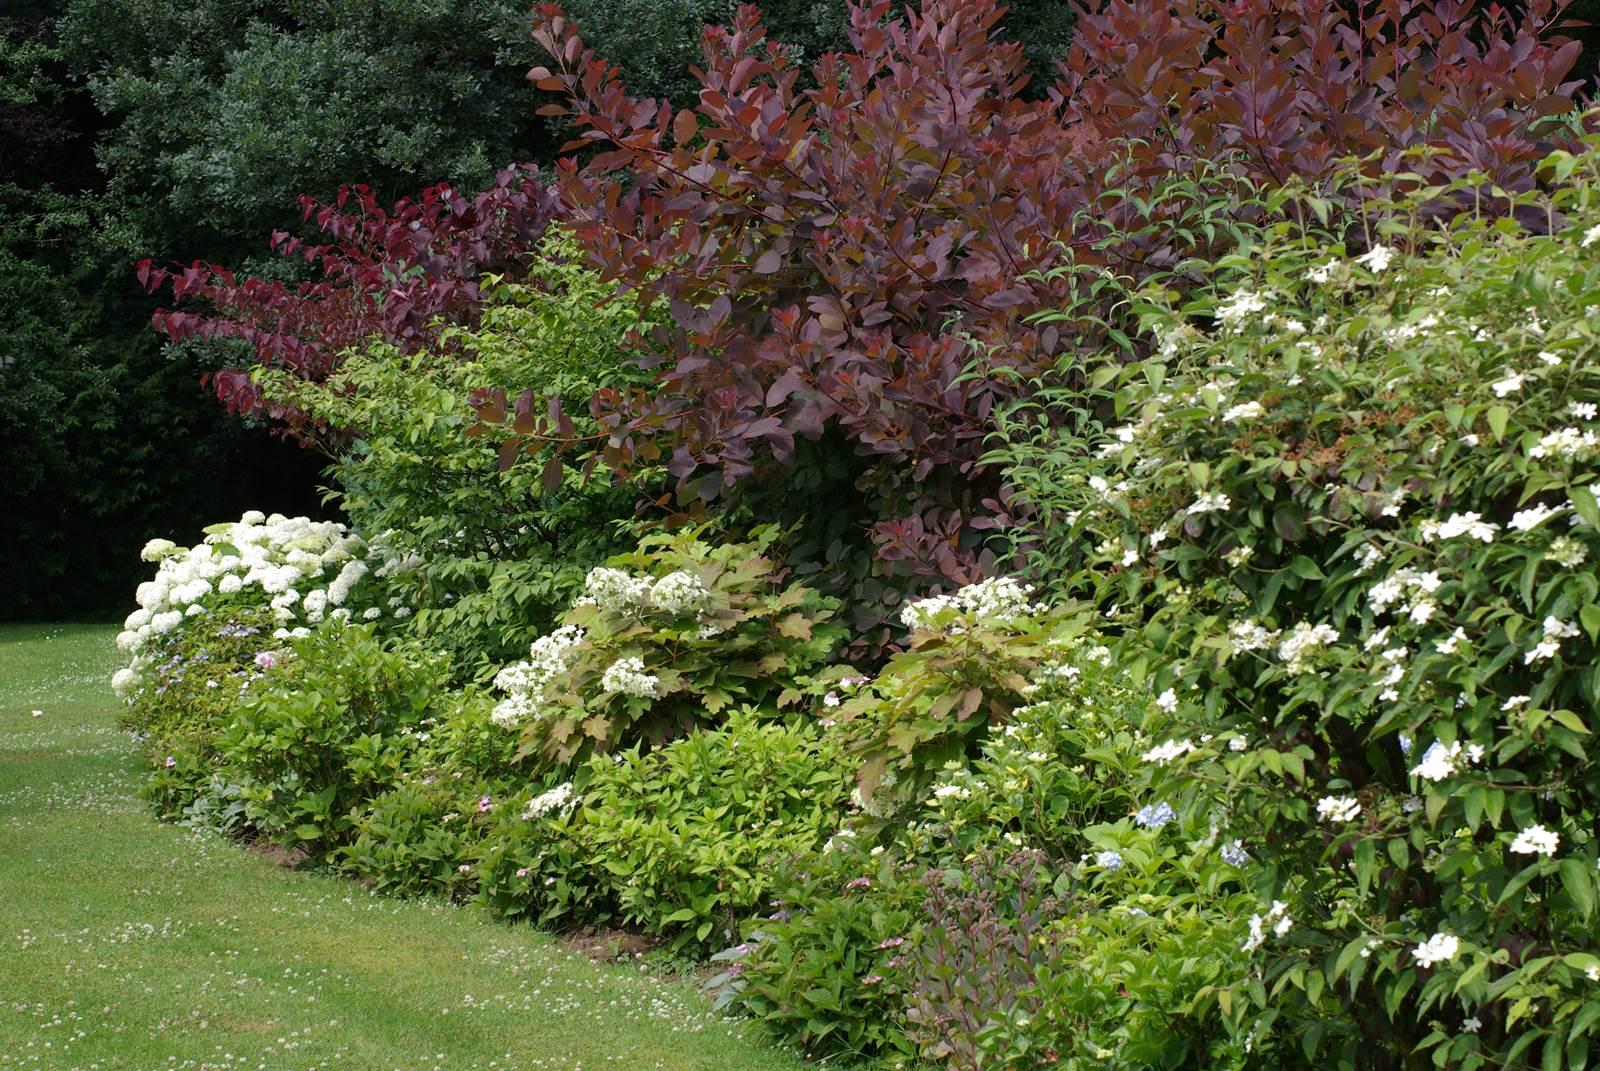 A Quelle Periode Tailler Les Lauriers tailler les arbustes - la terre est un jardin